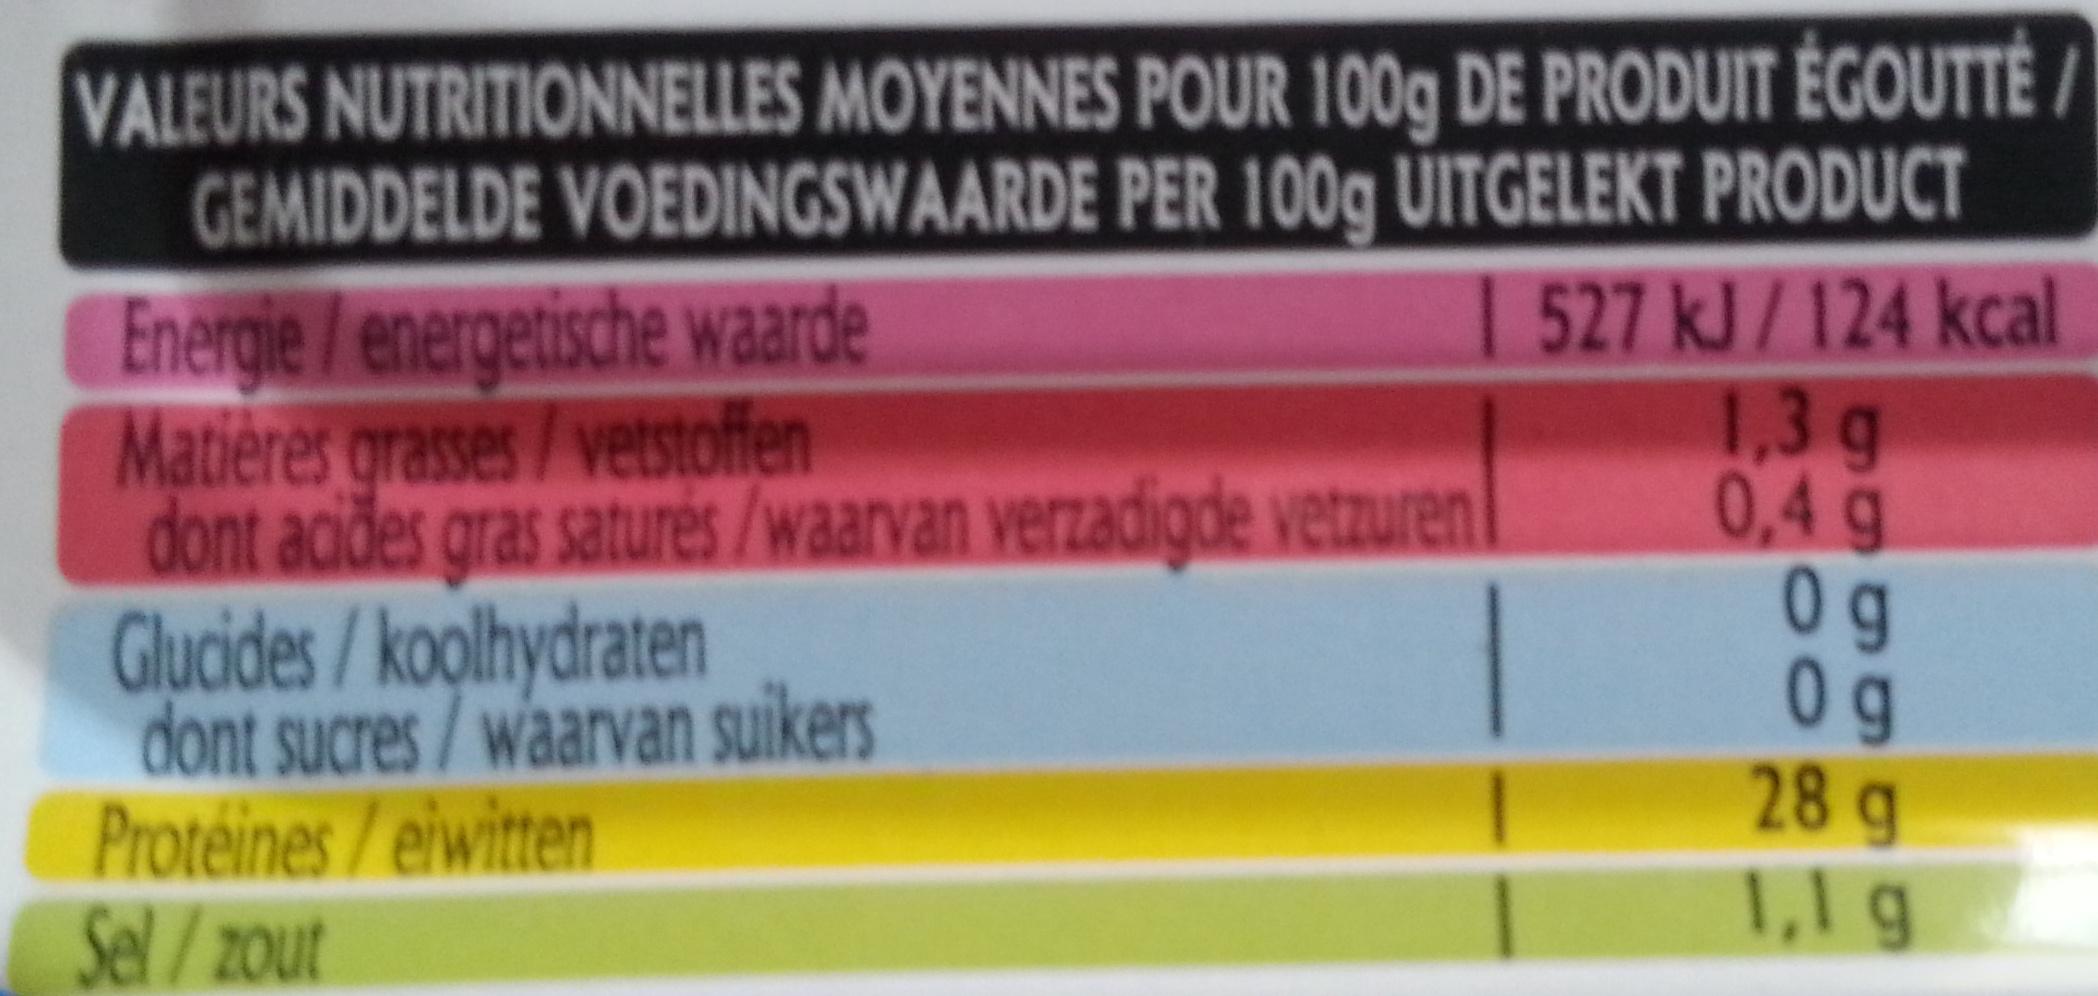 filets de thon au naturel - Voedingswaarden - fr